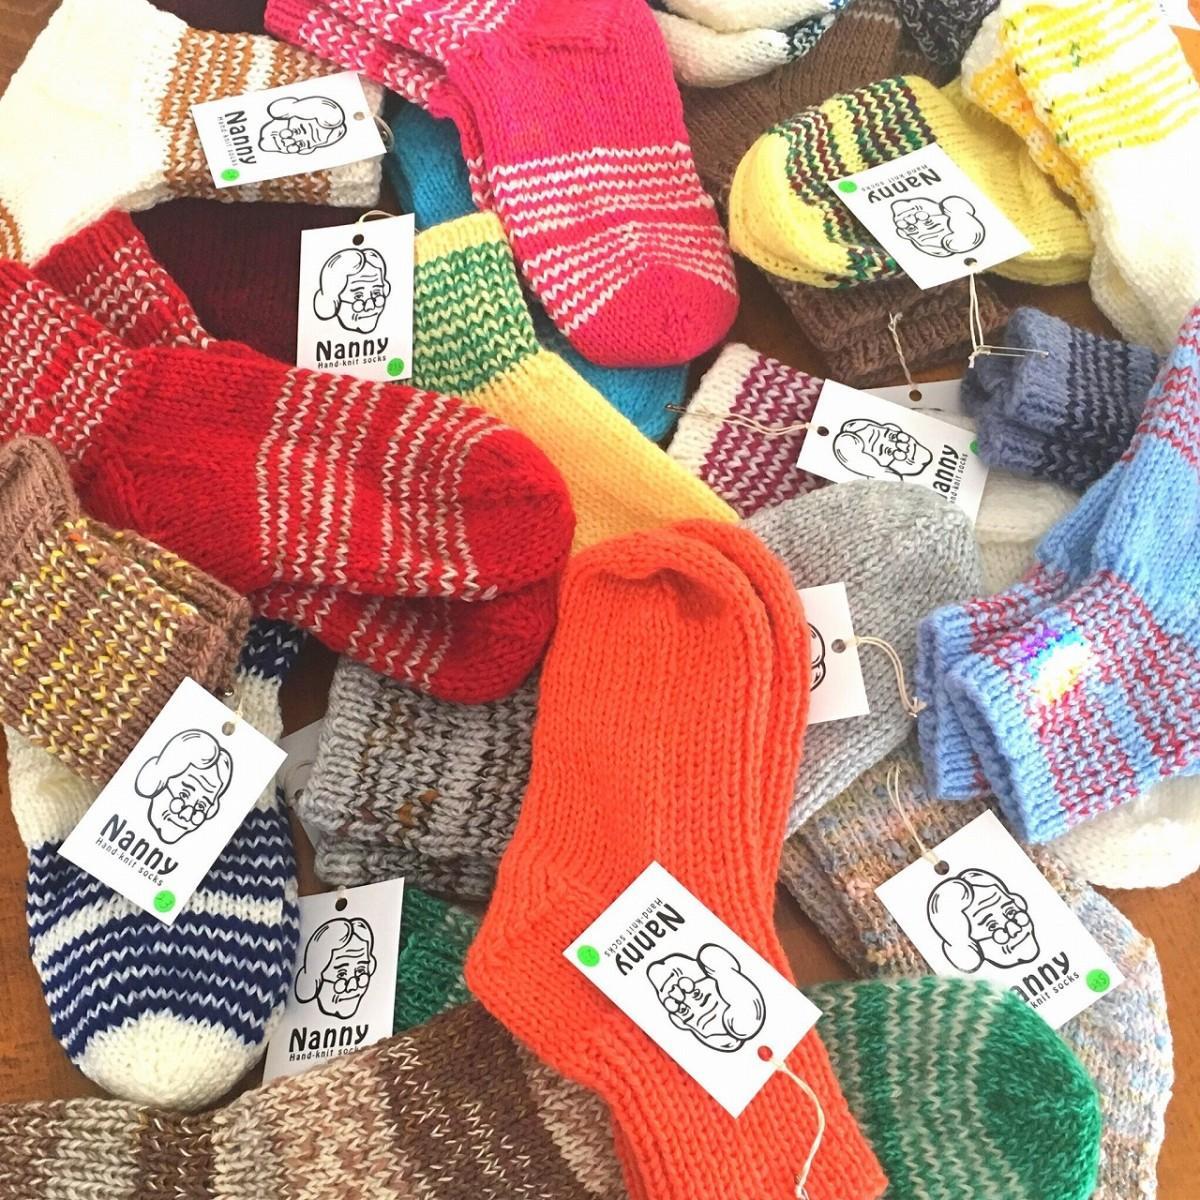 86歳のおばあちゃん手編みする靴下「Nanny(ナニー)」。様々な毛糸によって編まれているため色とりどりでランダムで、ほぼ全てが一点物